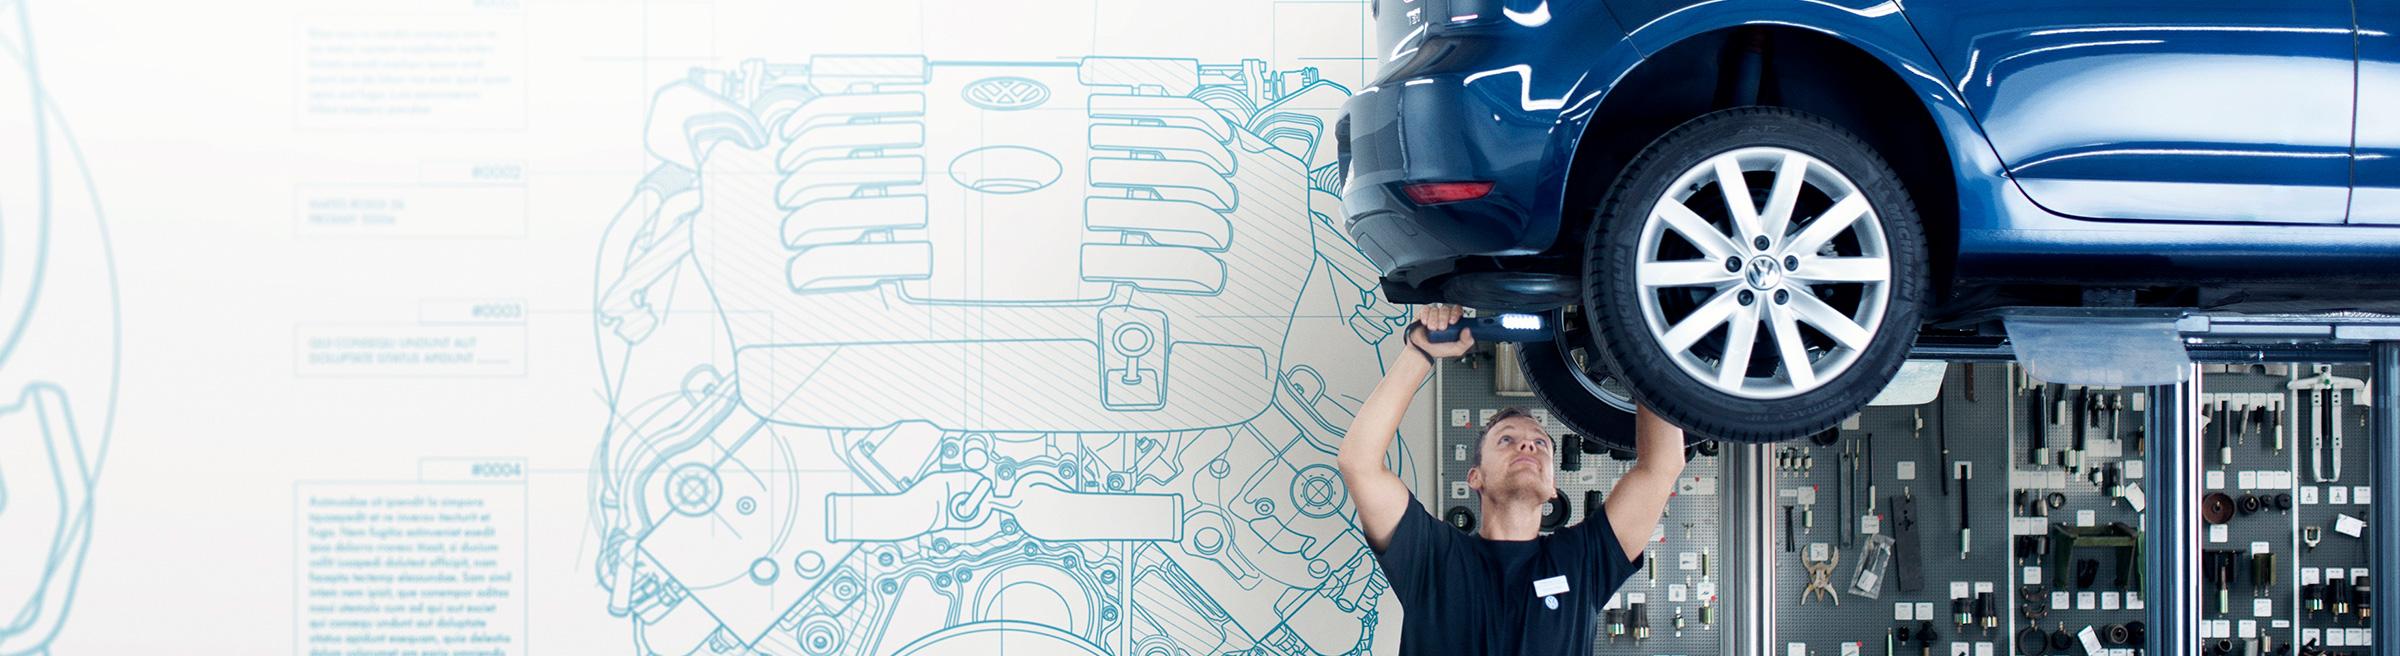 Auktoriserad service Audi, Volkswagen, SEAT & SKODA på Toveks Bil